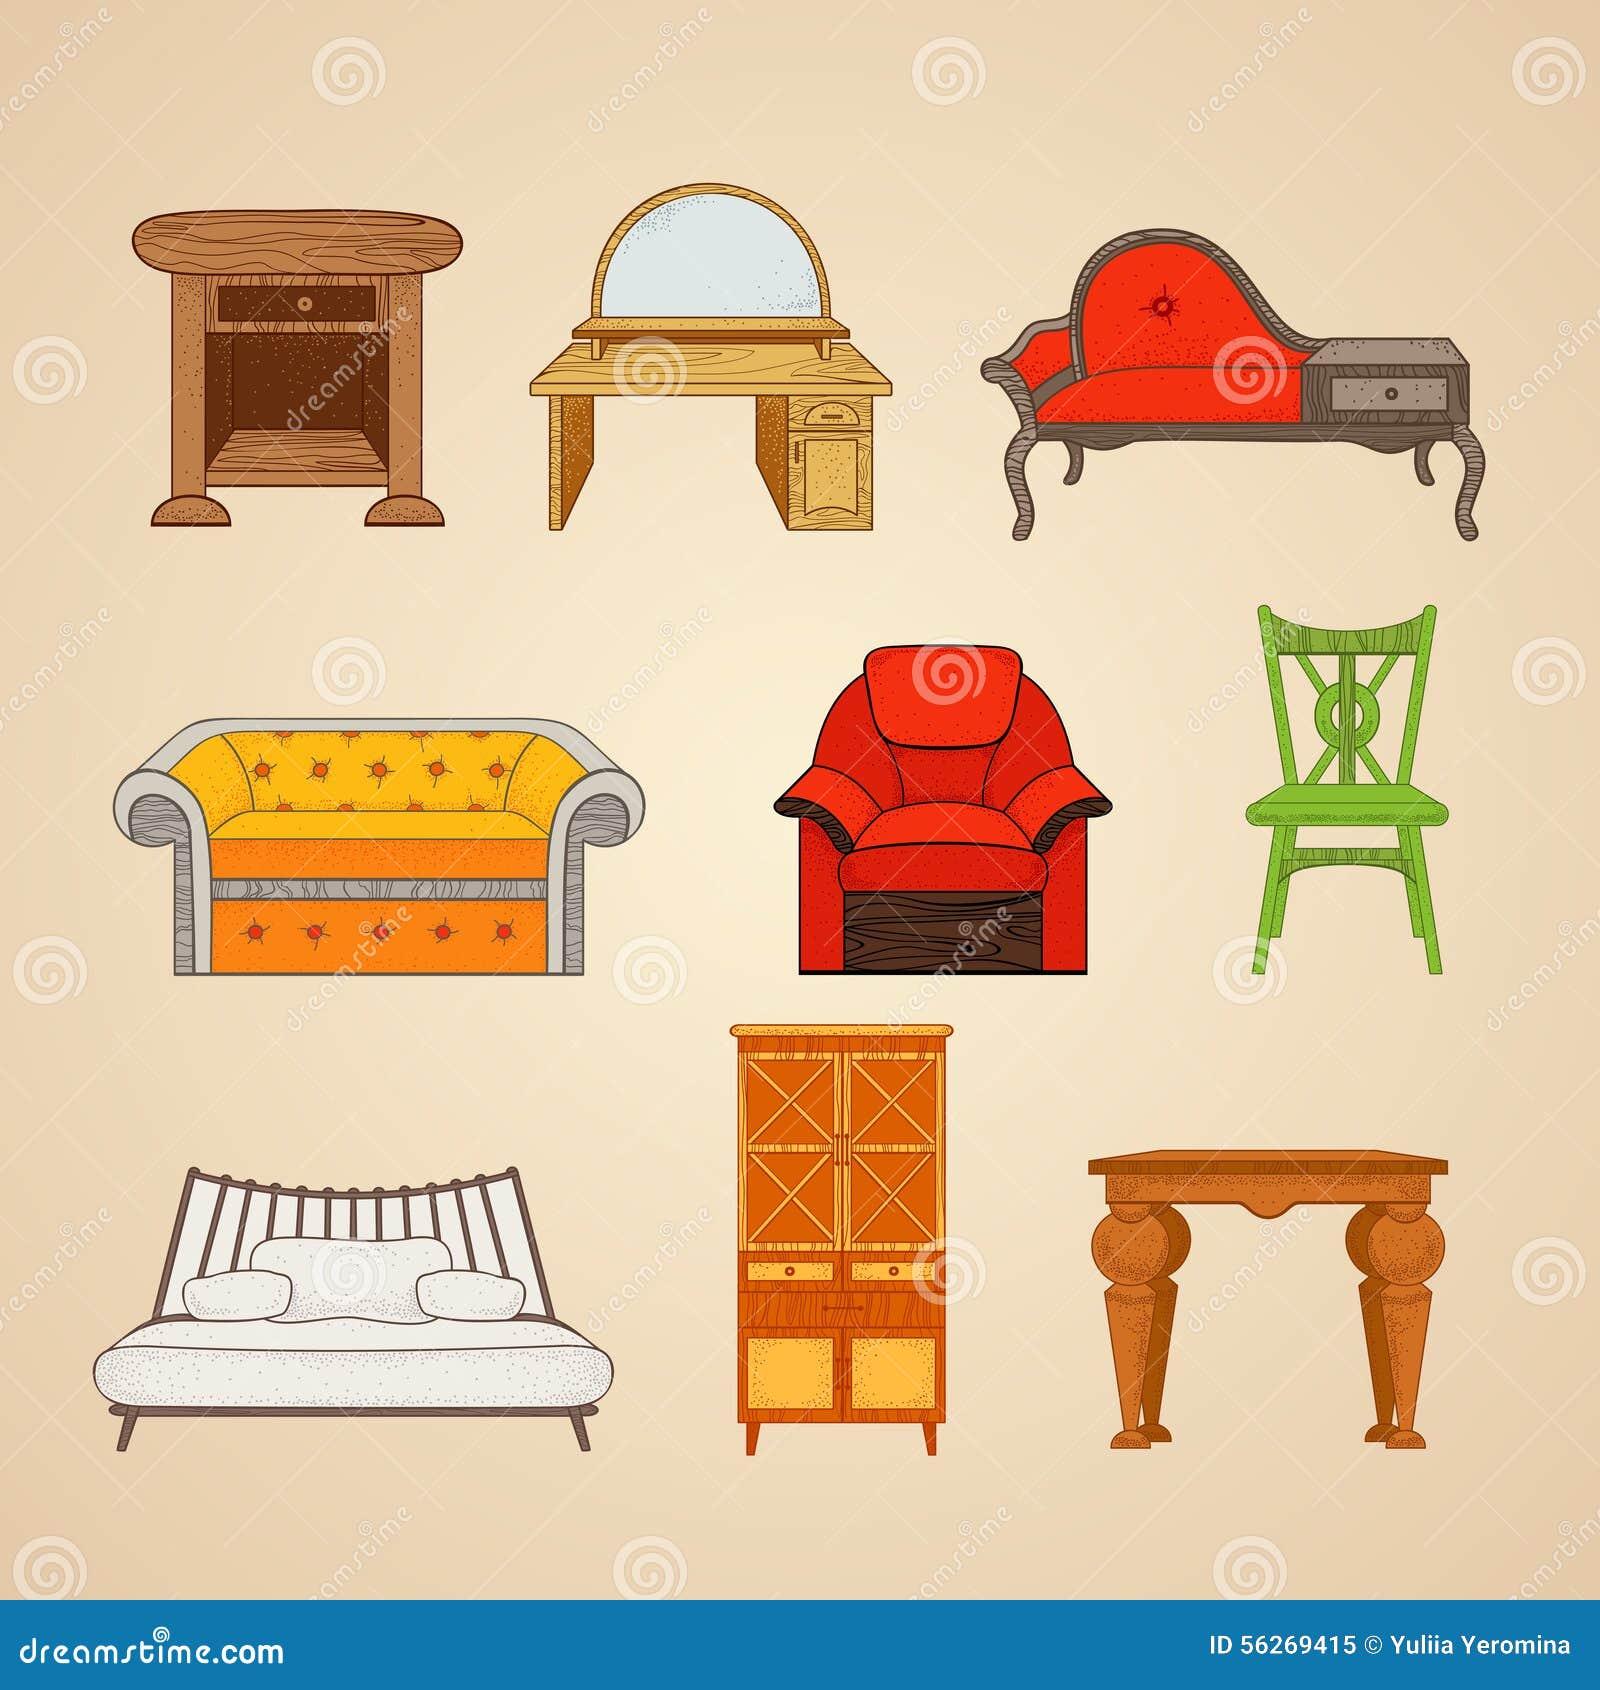 Articulos para el hogar top with articulos para el hogar for Cosas para el hogar